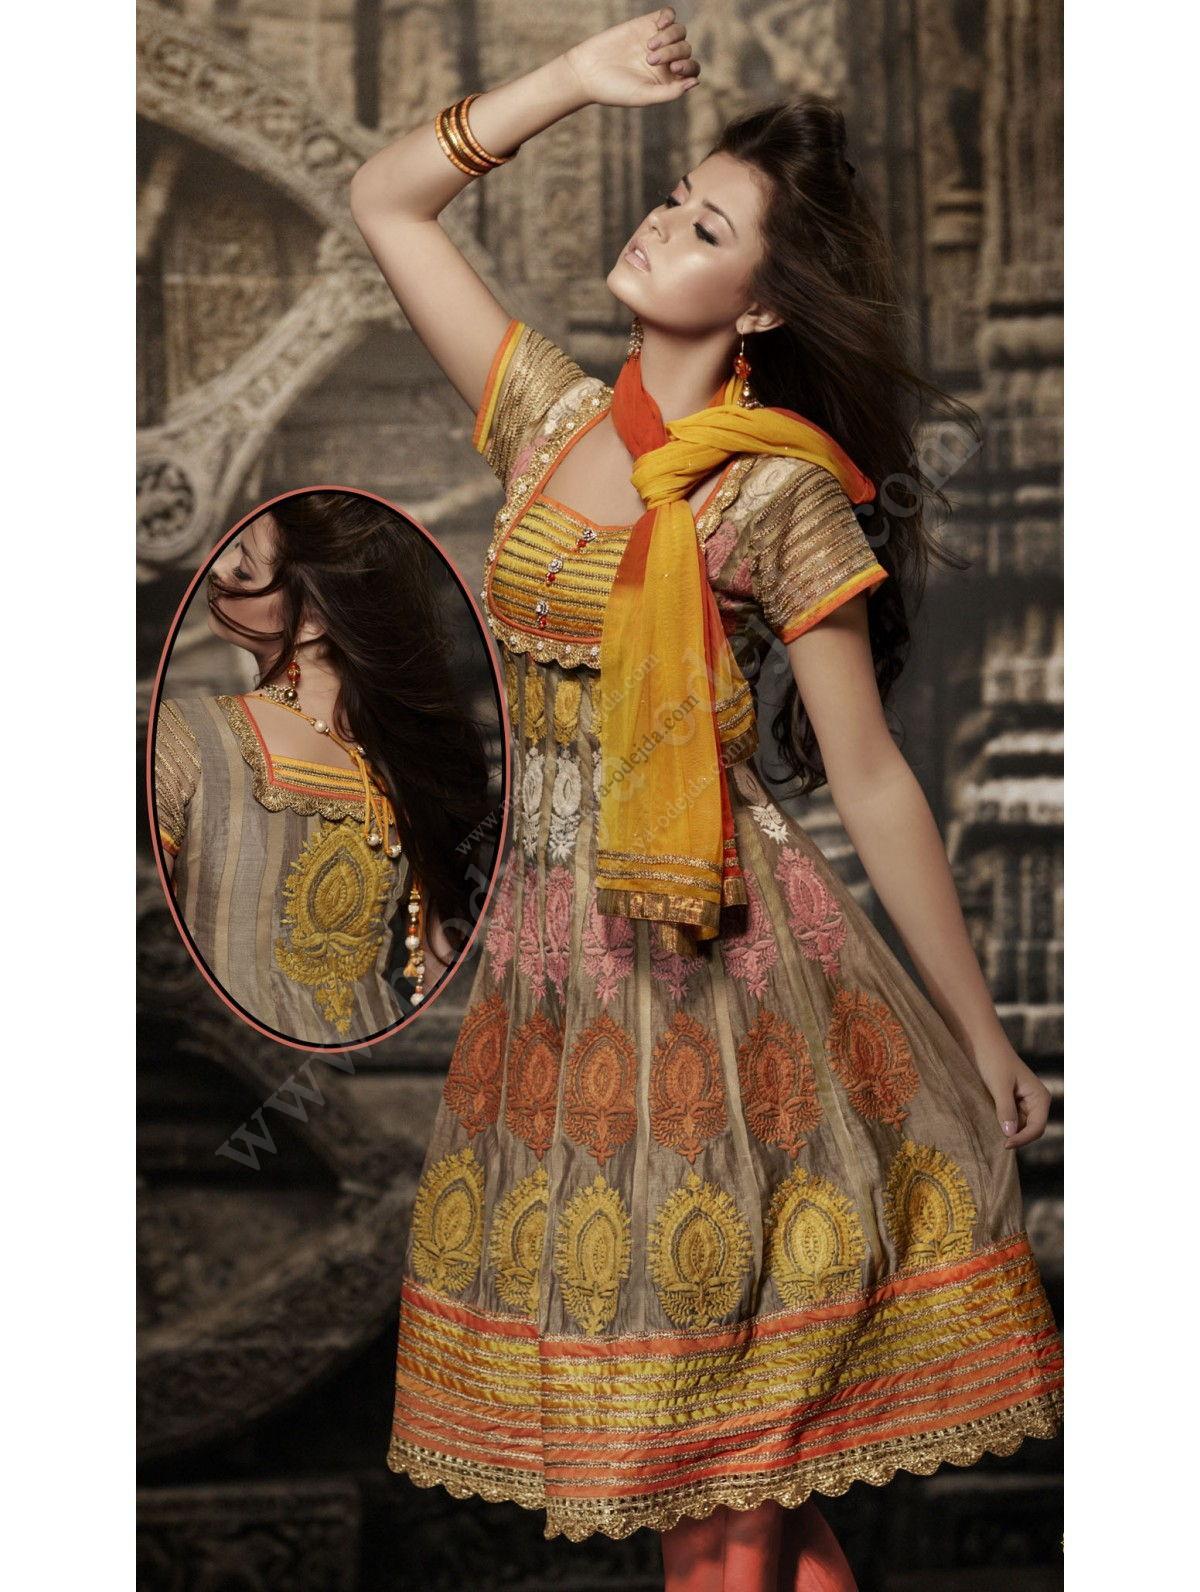 brand new a1032 57282 Pallido marrone di moda indiano vestito di cotone con la seta, con una  bella schiena, maniche corte, decorato con ricami di seta arricciata filo  di ...